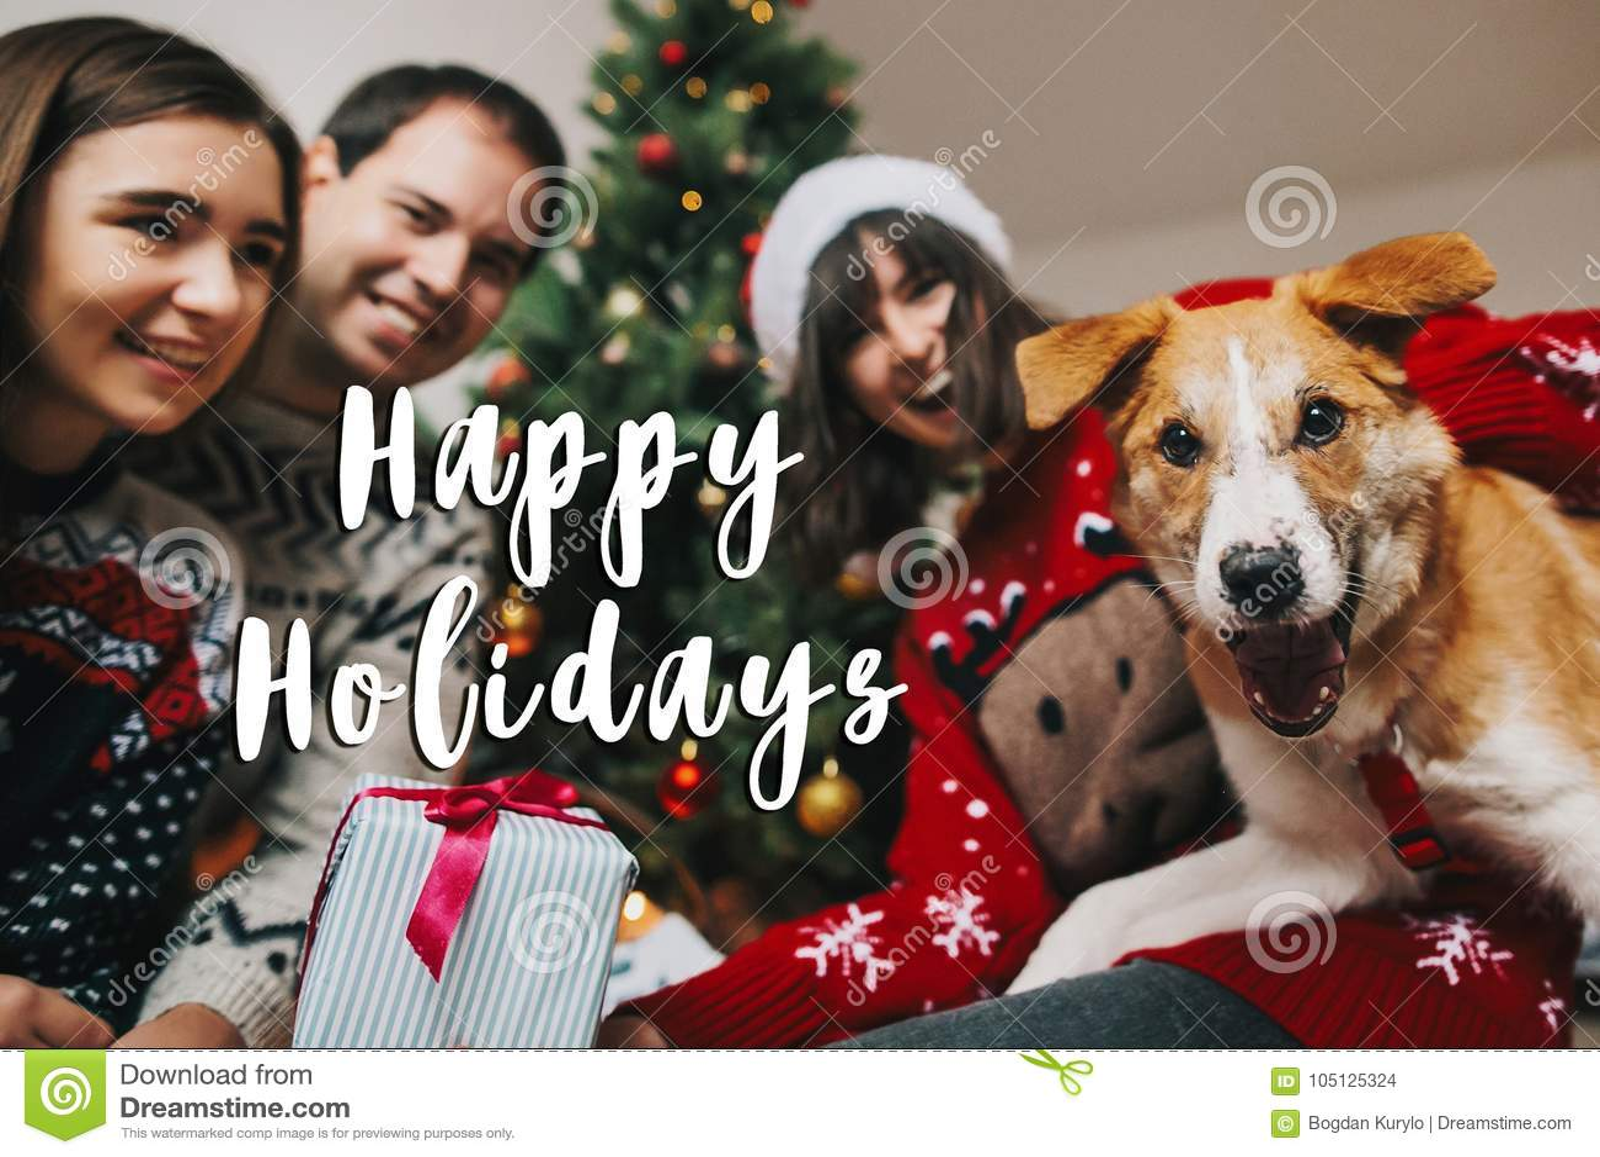 Buenas fiestas muestra del texto, tarjeta de felicitación Familia feliz que se divierte